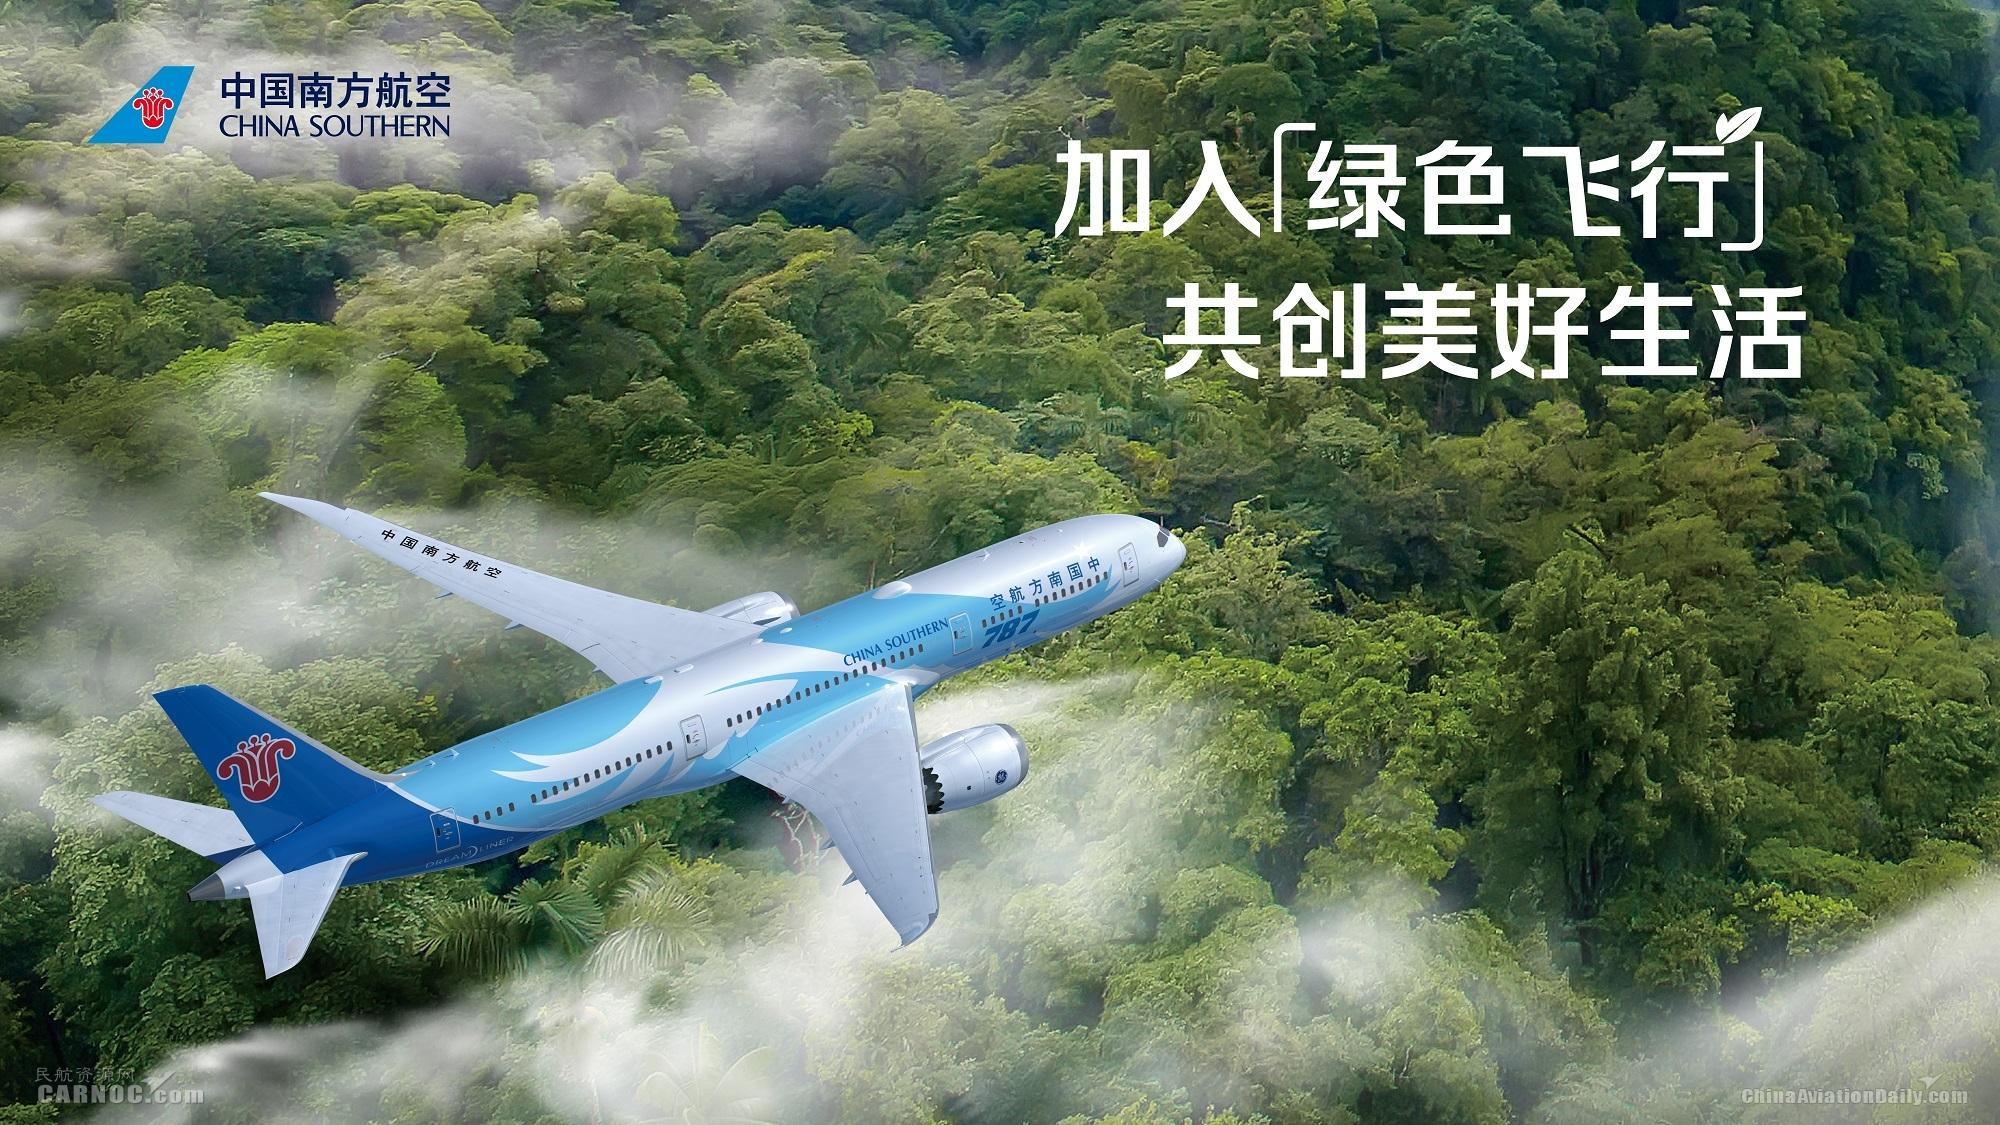 南航联合国际航协举办首个中国大陆航企环保交流会